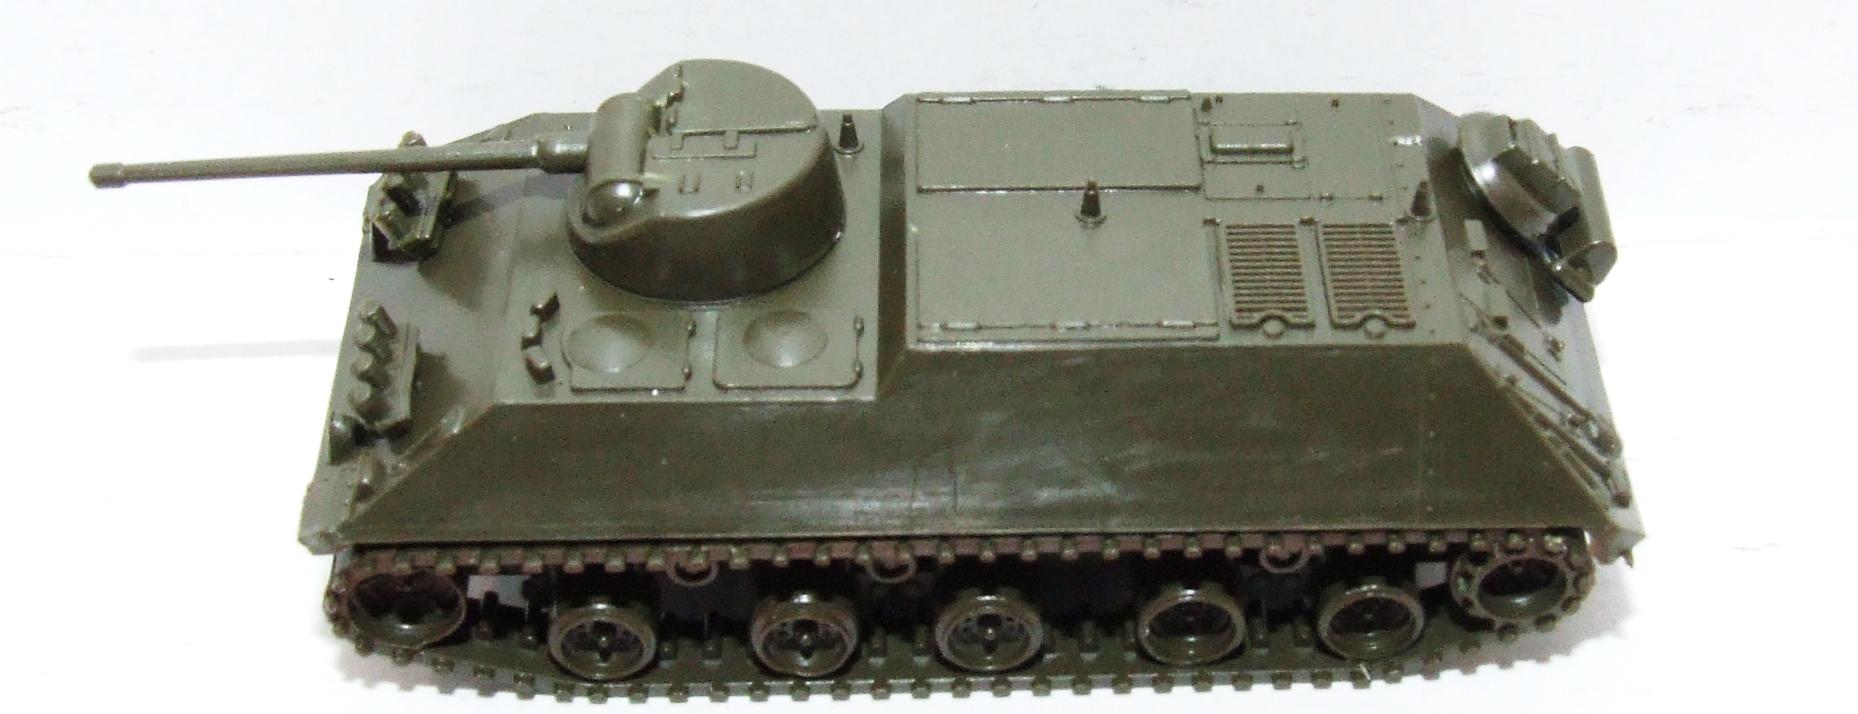 743990 Roco Minitanks Schützenpanzer HS 30 20mm BW  H0 1:87